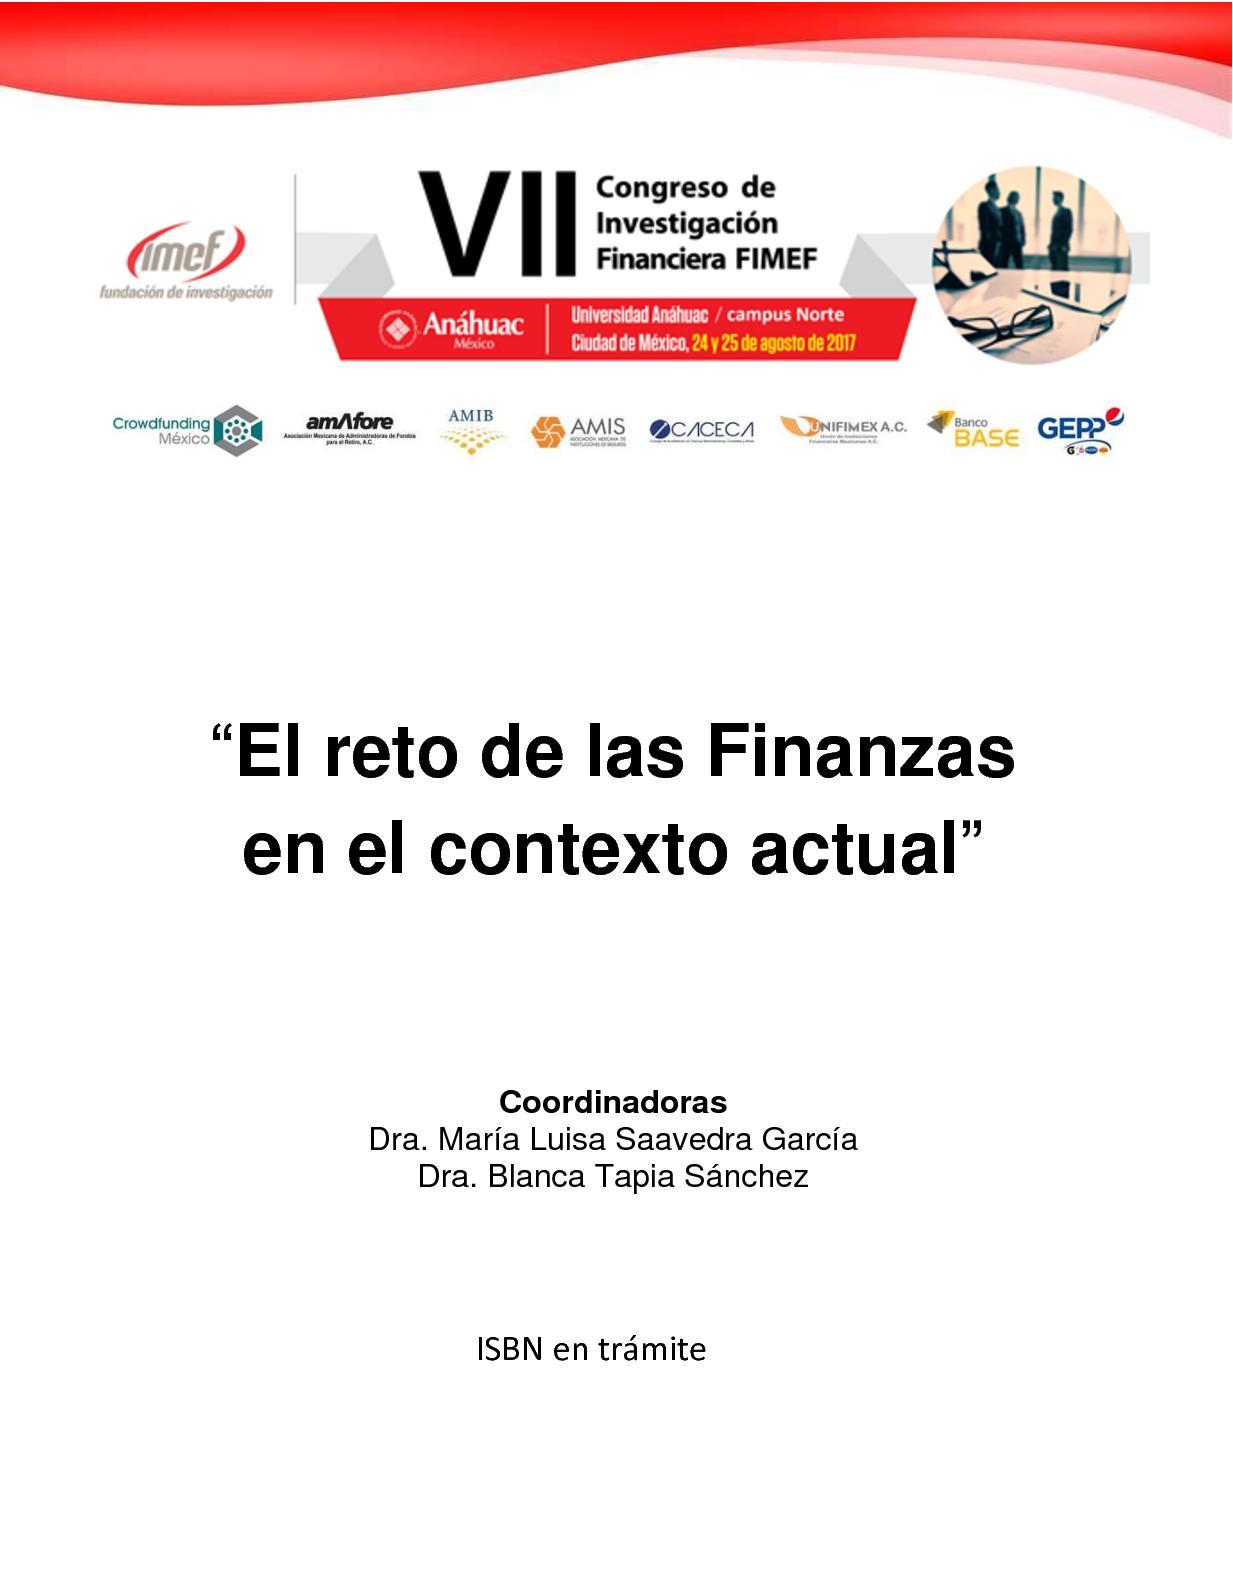 Calaméo - El Reto De Las Finanzas En El Contexto Actual